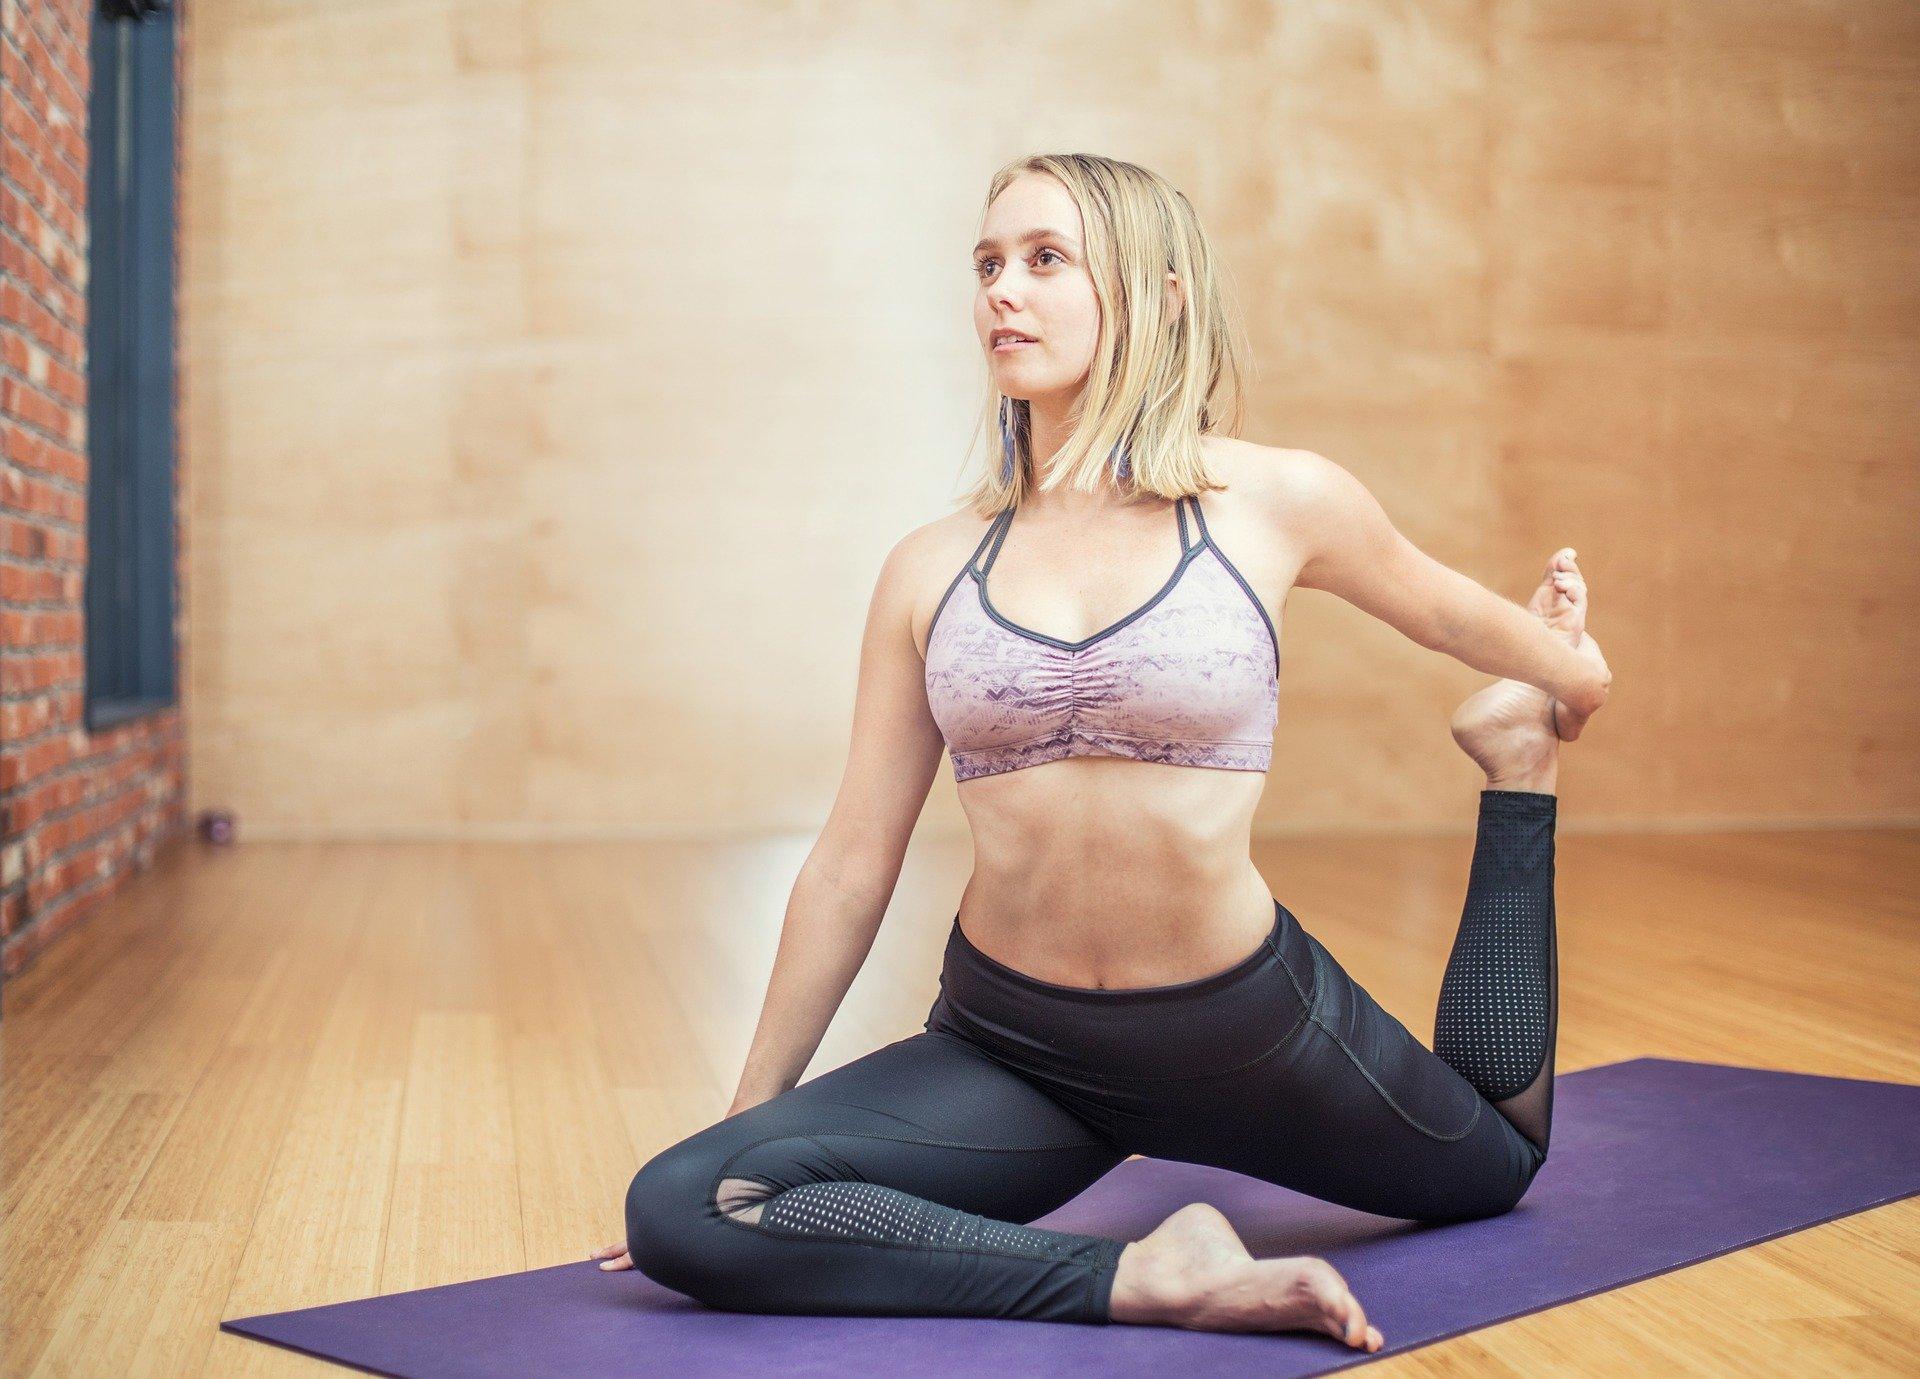 Acompanhamento médico recobra postura do corpo